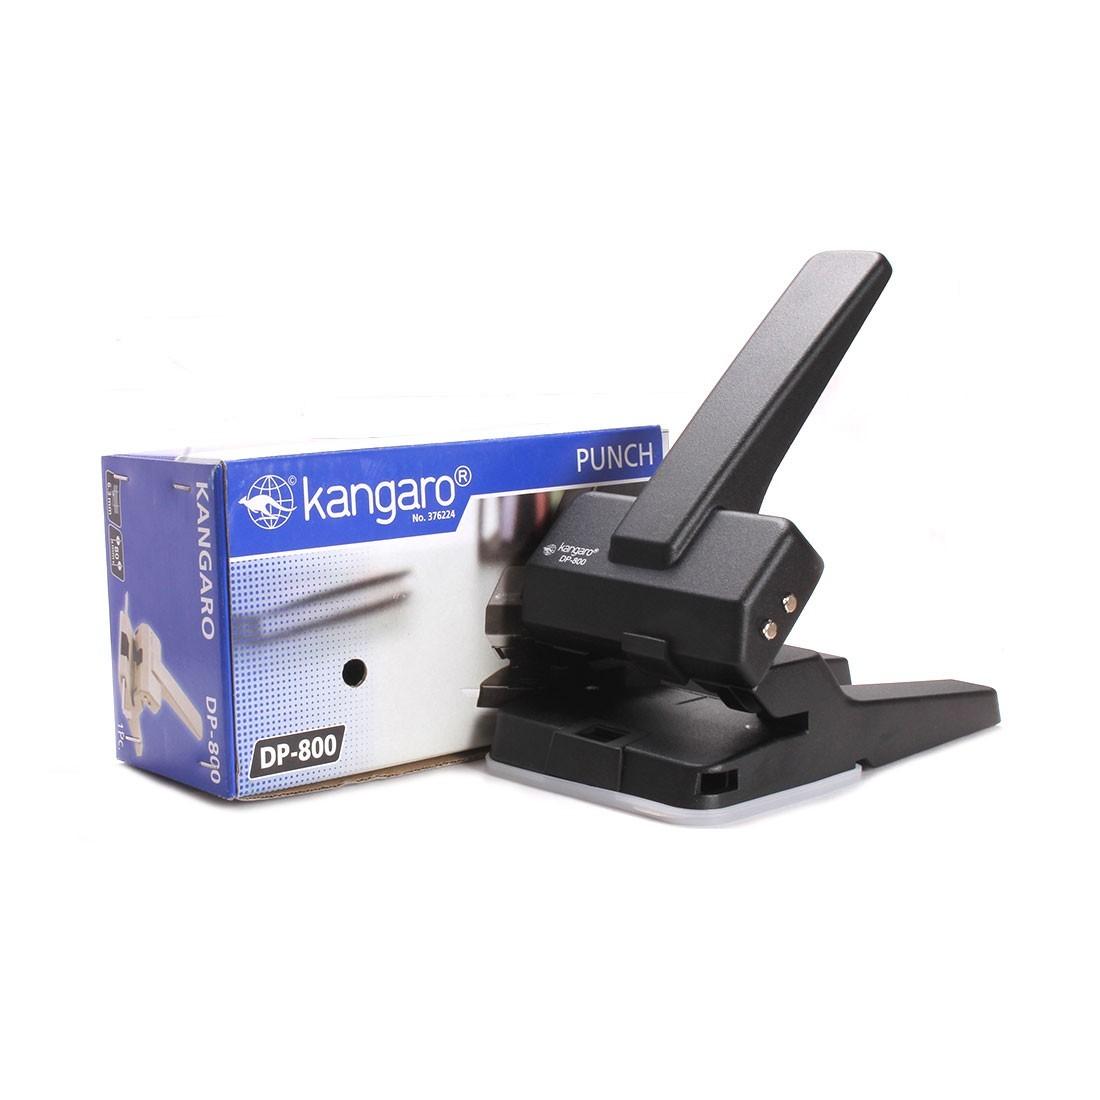 Punch Machine - Kangaroo DP 800